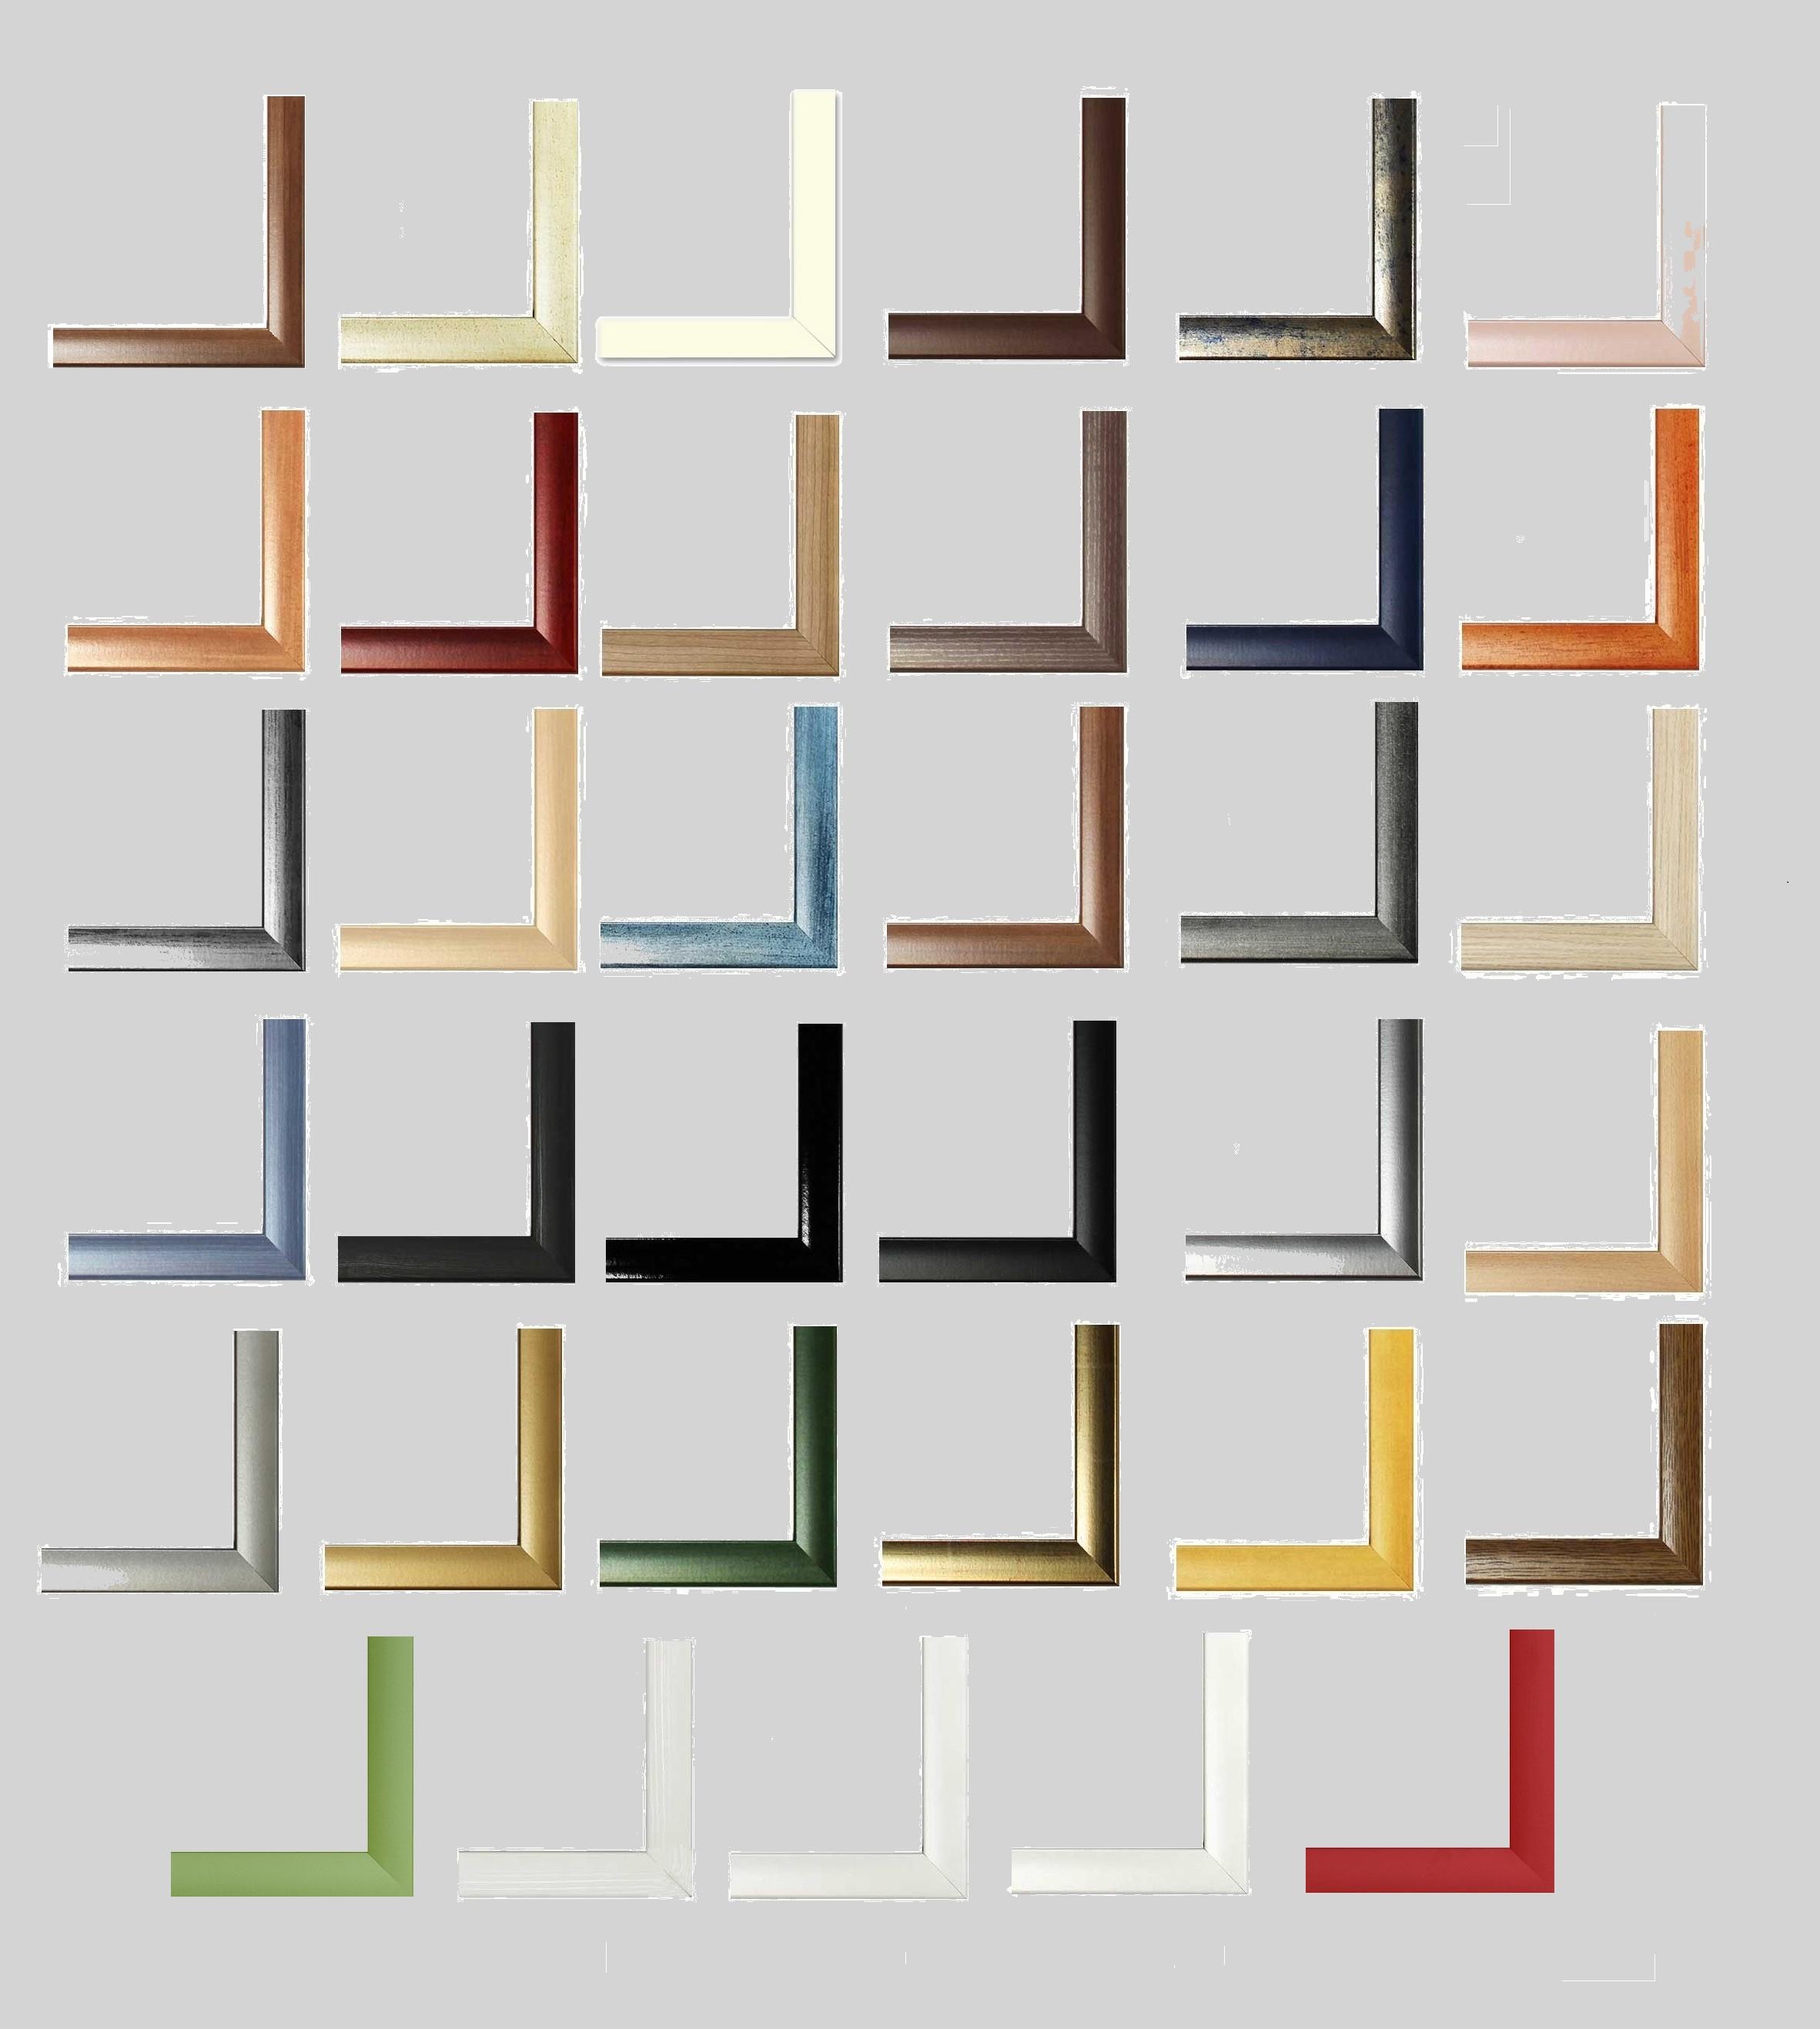 r ckwandplatten mehr als 10000 angebote fotos preise. Black Bedroom Furniture Sets. Home Design Ideas